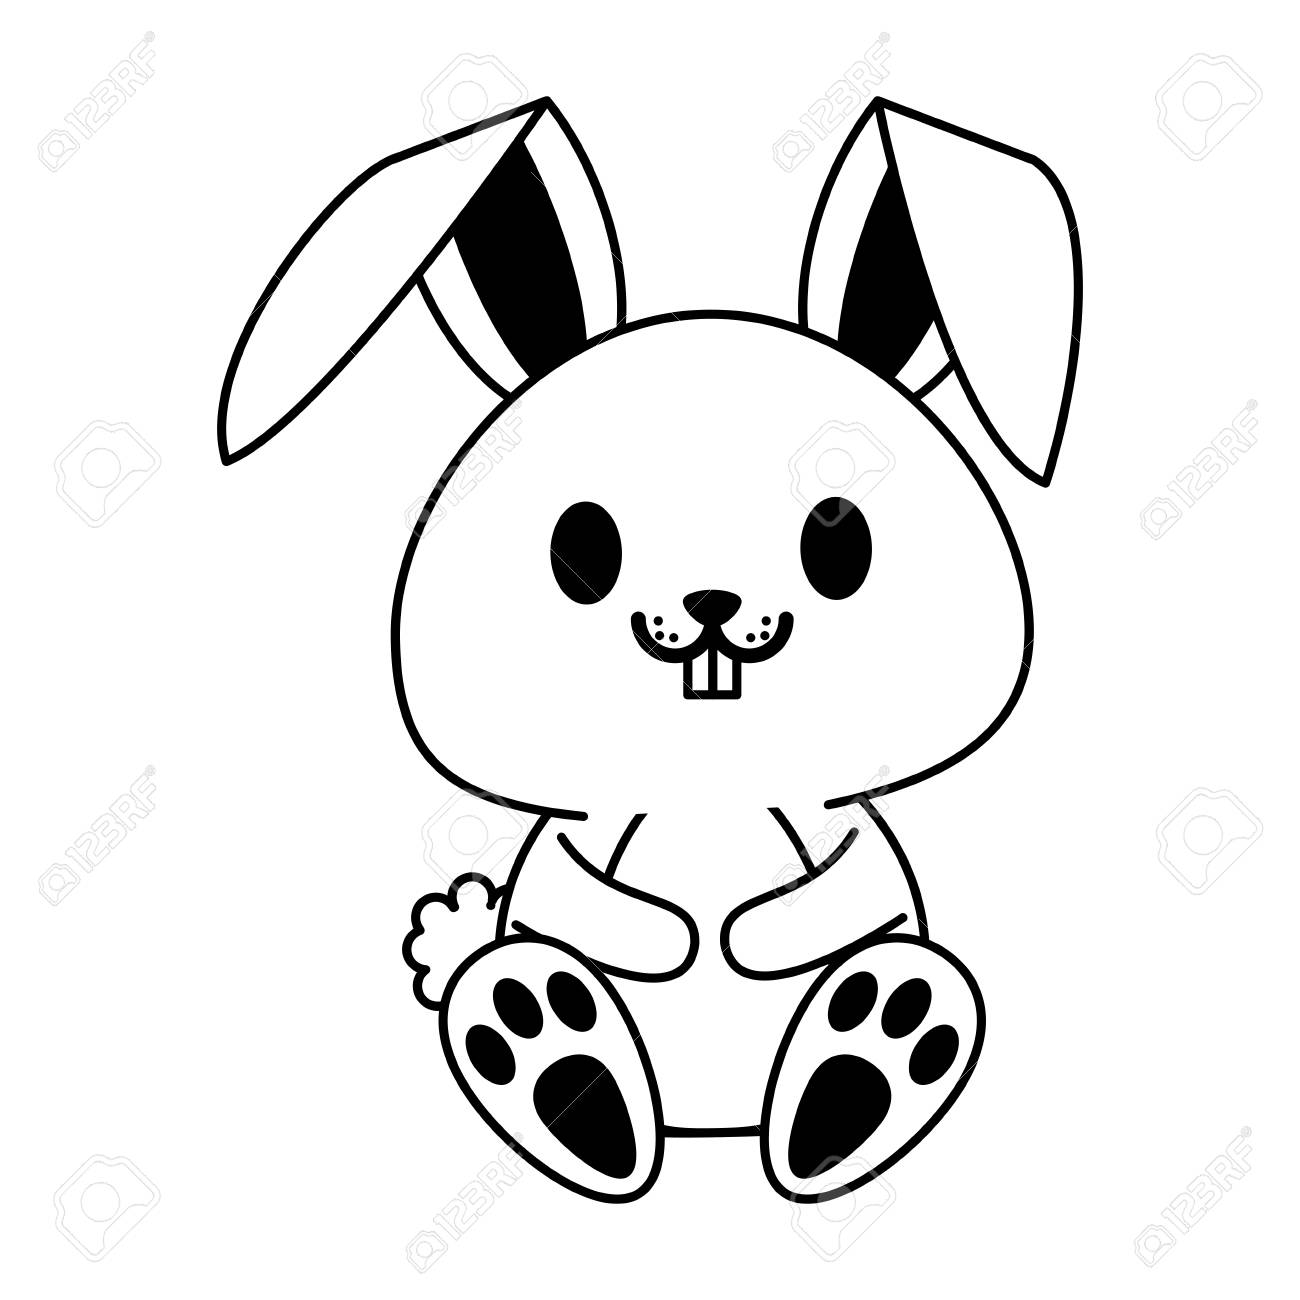 ウサギかウサギかわいい動物漫画アイコン画像ベクトル イラスト